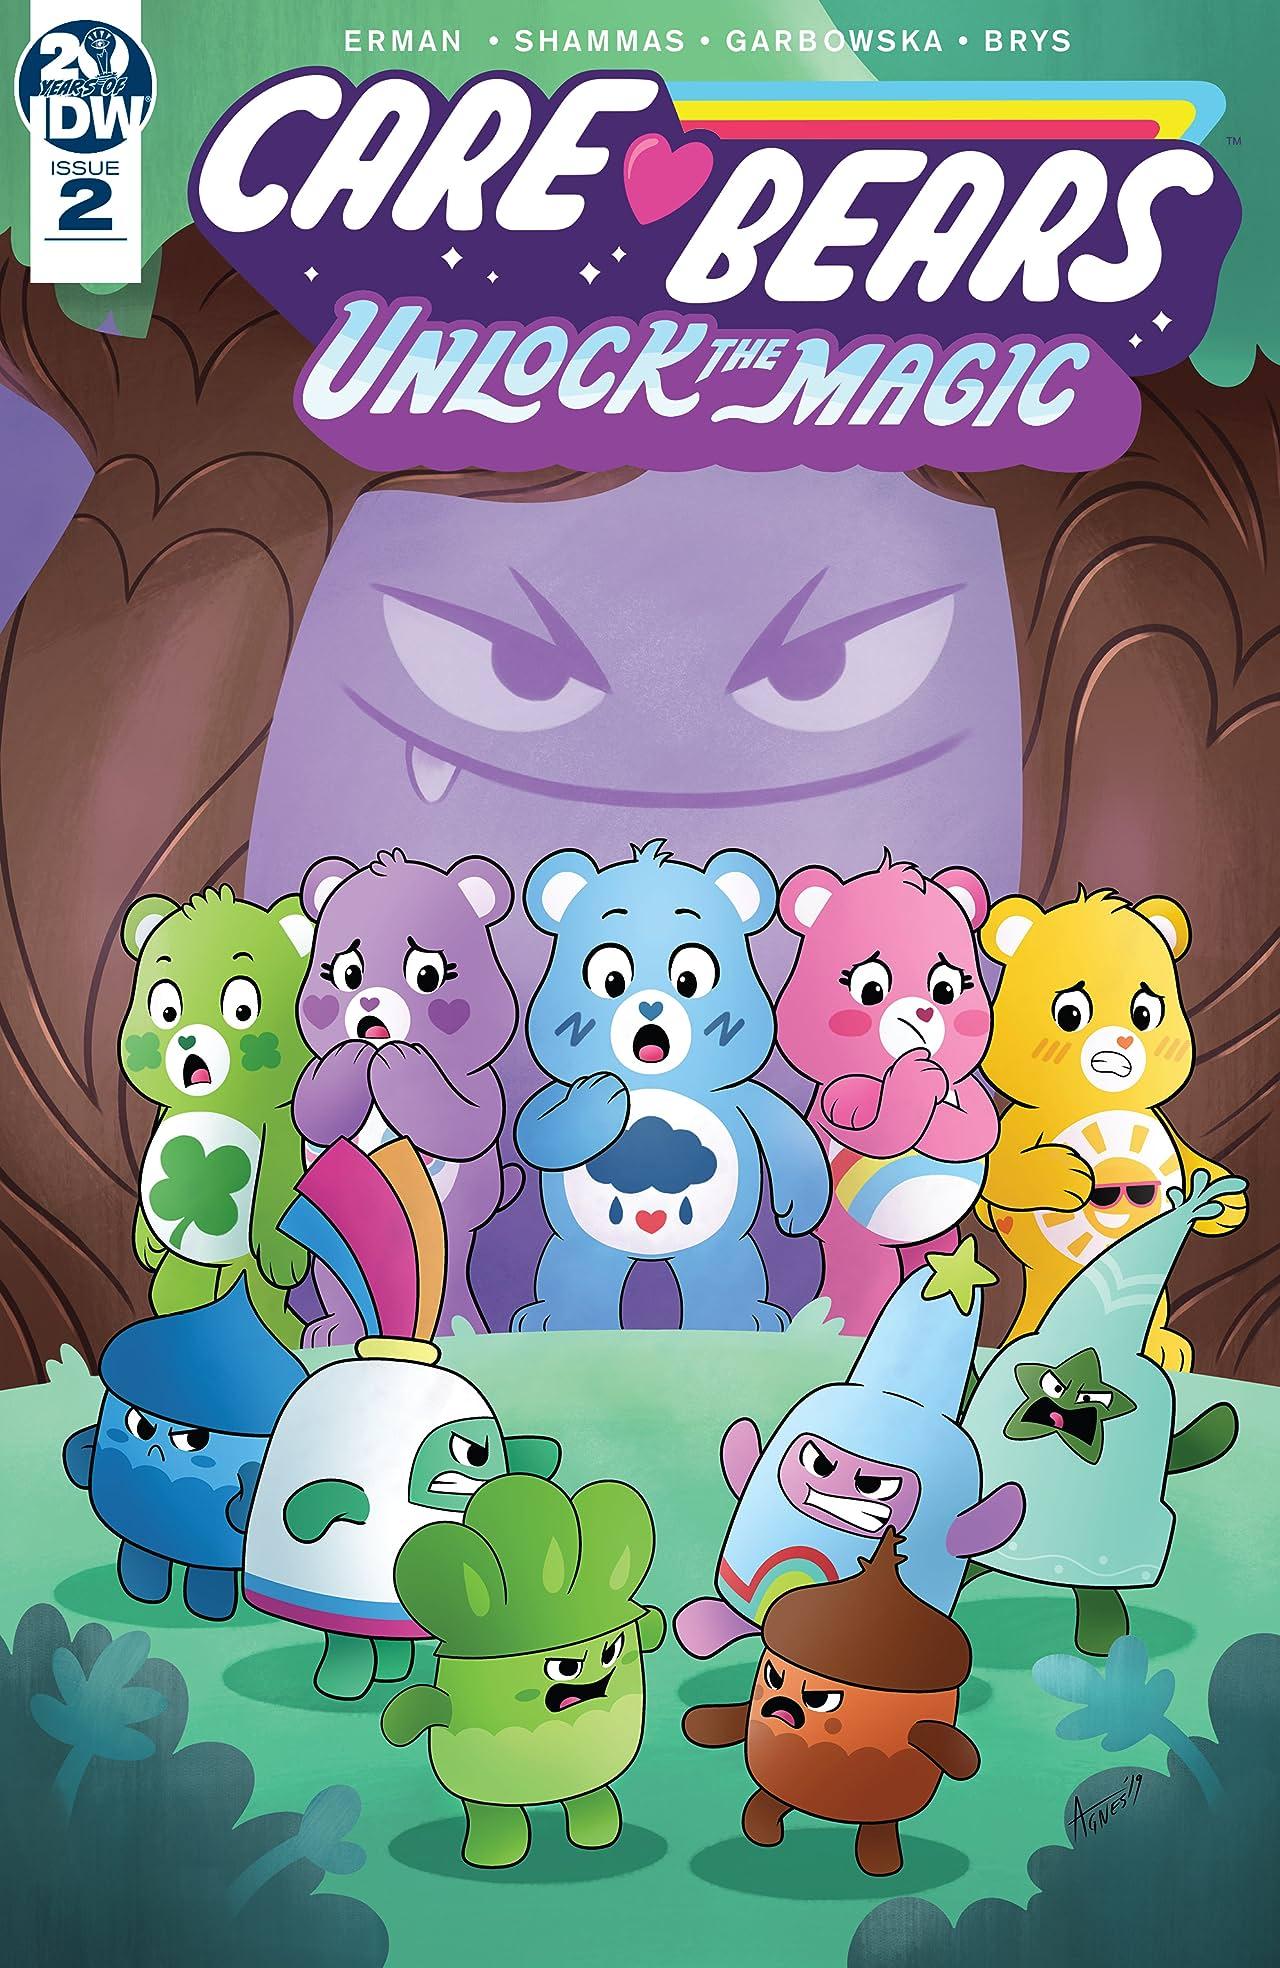 Care Bears: Unlock the Magic #2 (of 3)